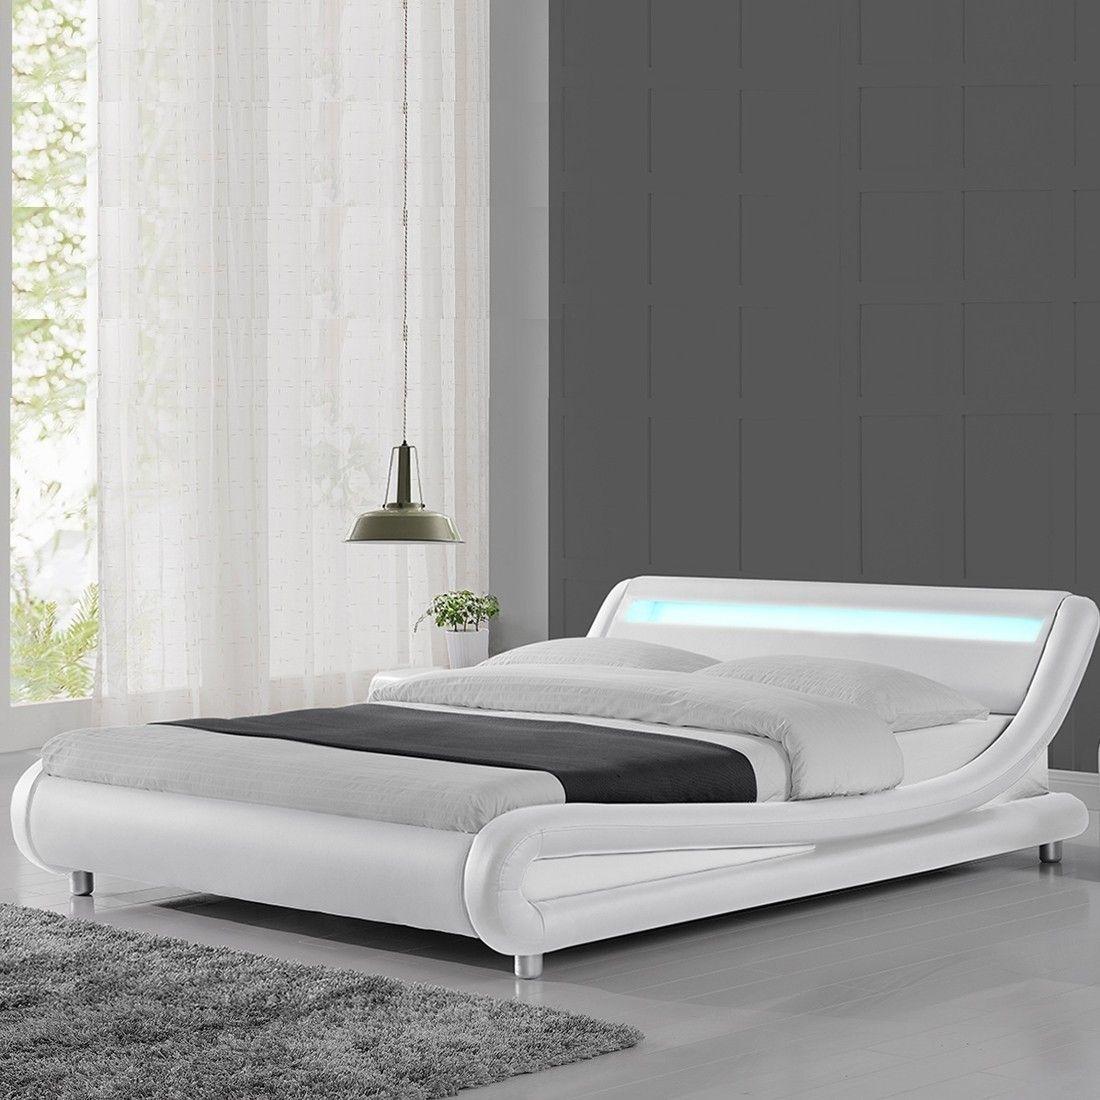 Lit A Led Similicuir Blanc 180x200 Cm Paula Lit Design Lit Moderne Modele De Lit